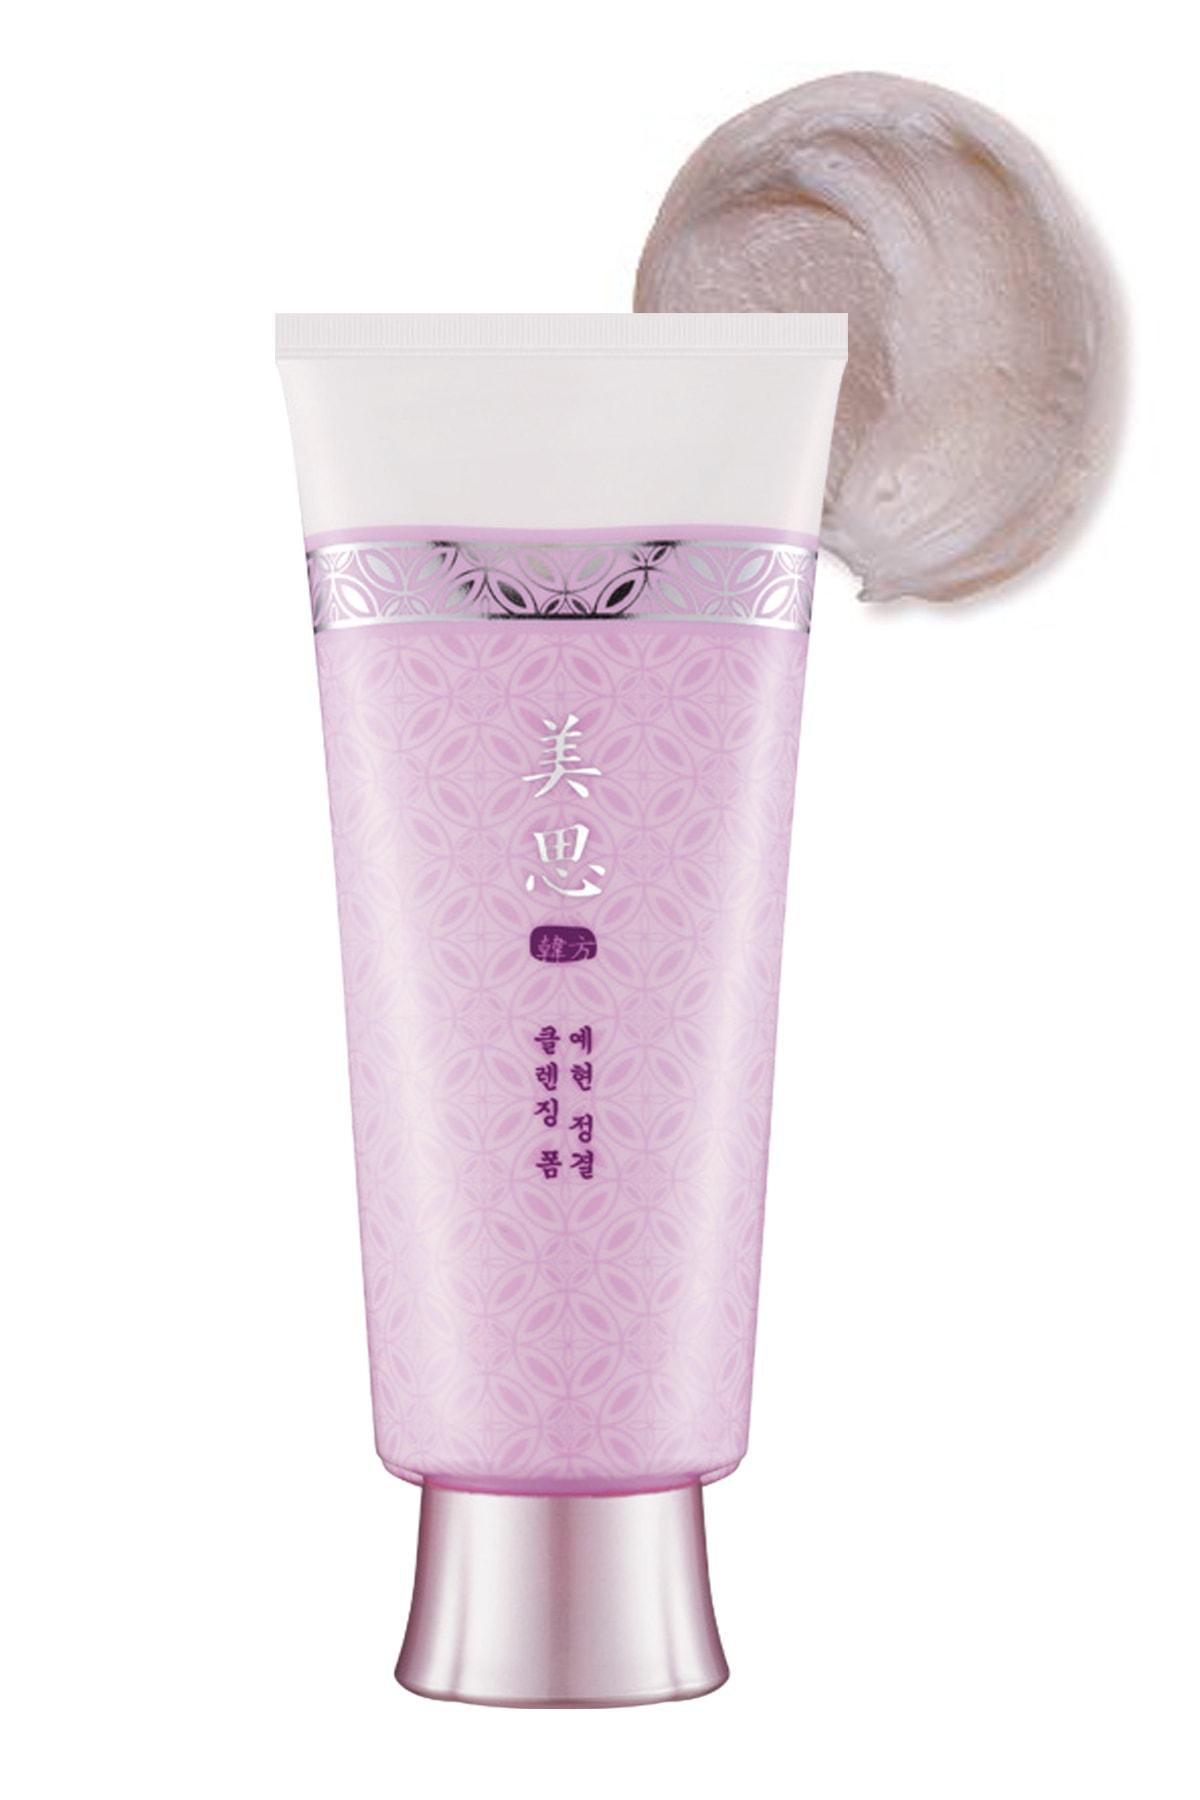 Missha Temizleme Köpüğü - MISA Yei Hyun Cleansing Foam 170 ml 8806185762007